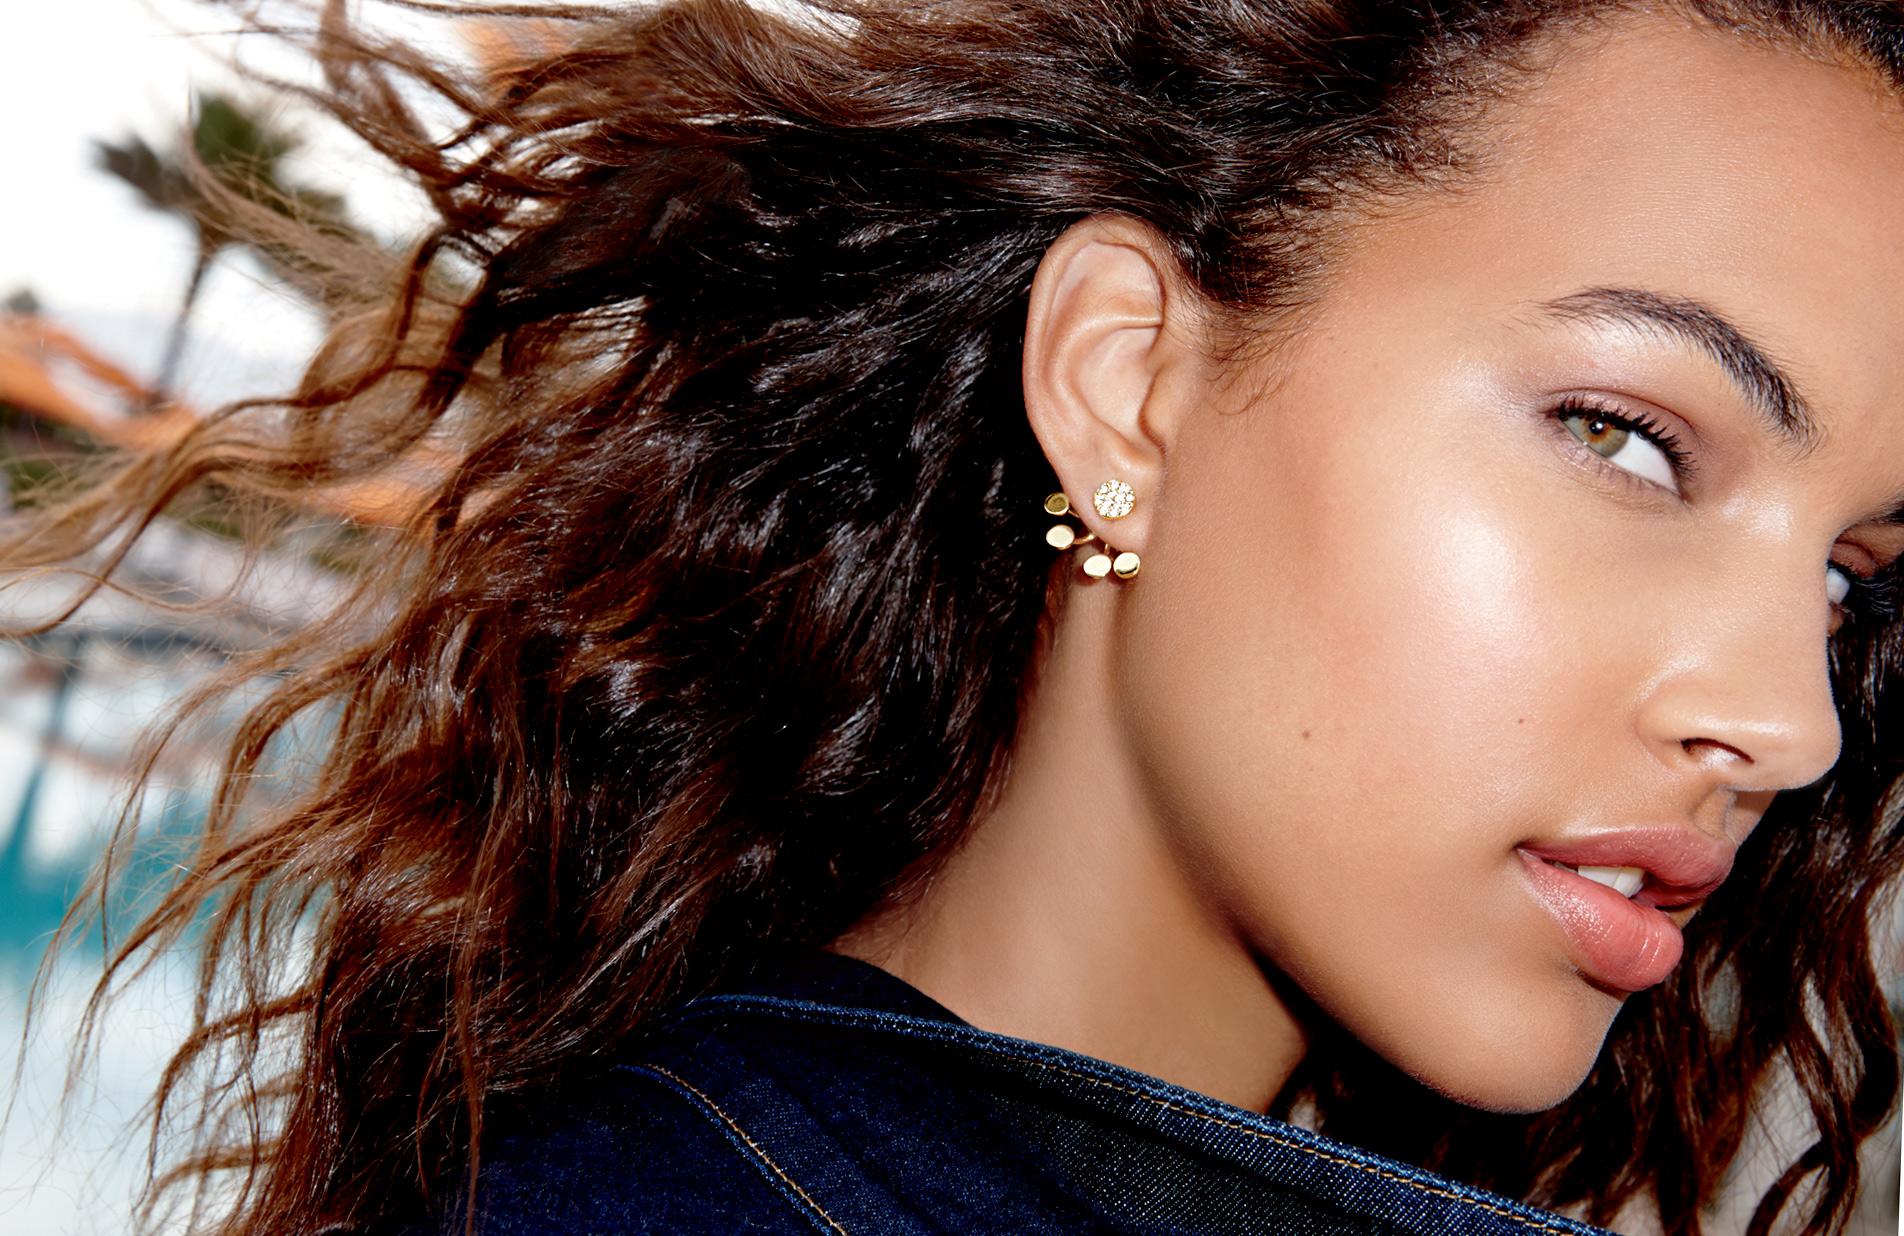 Beauty_58b_0100.jpg